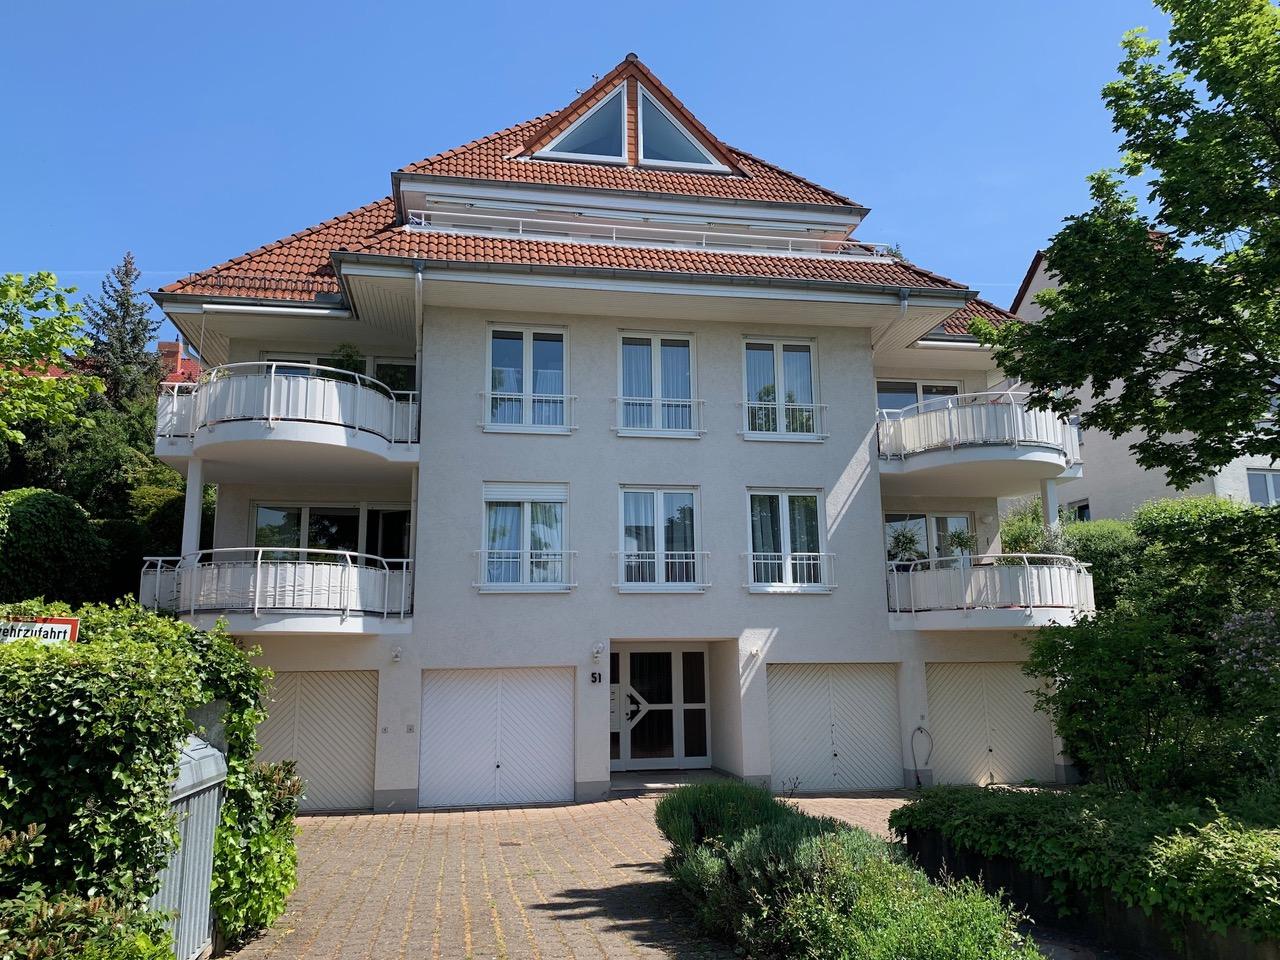 Sachverständigenbüro Angela Geck Immobilien Gutachten